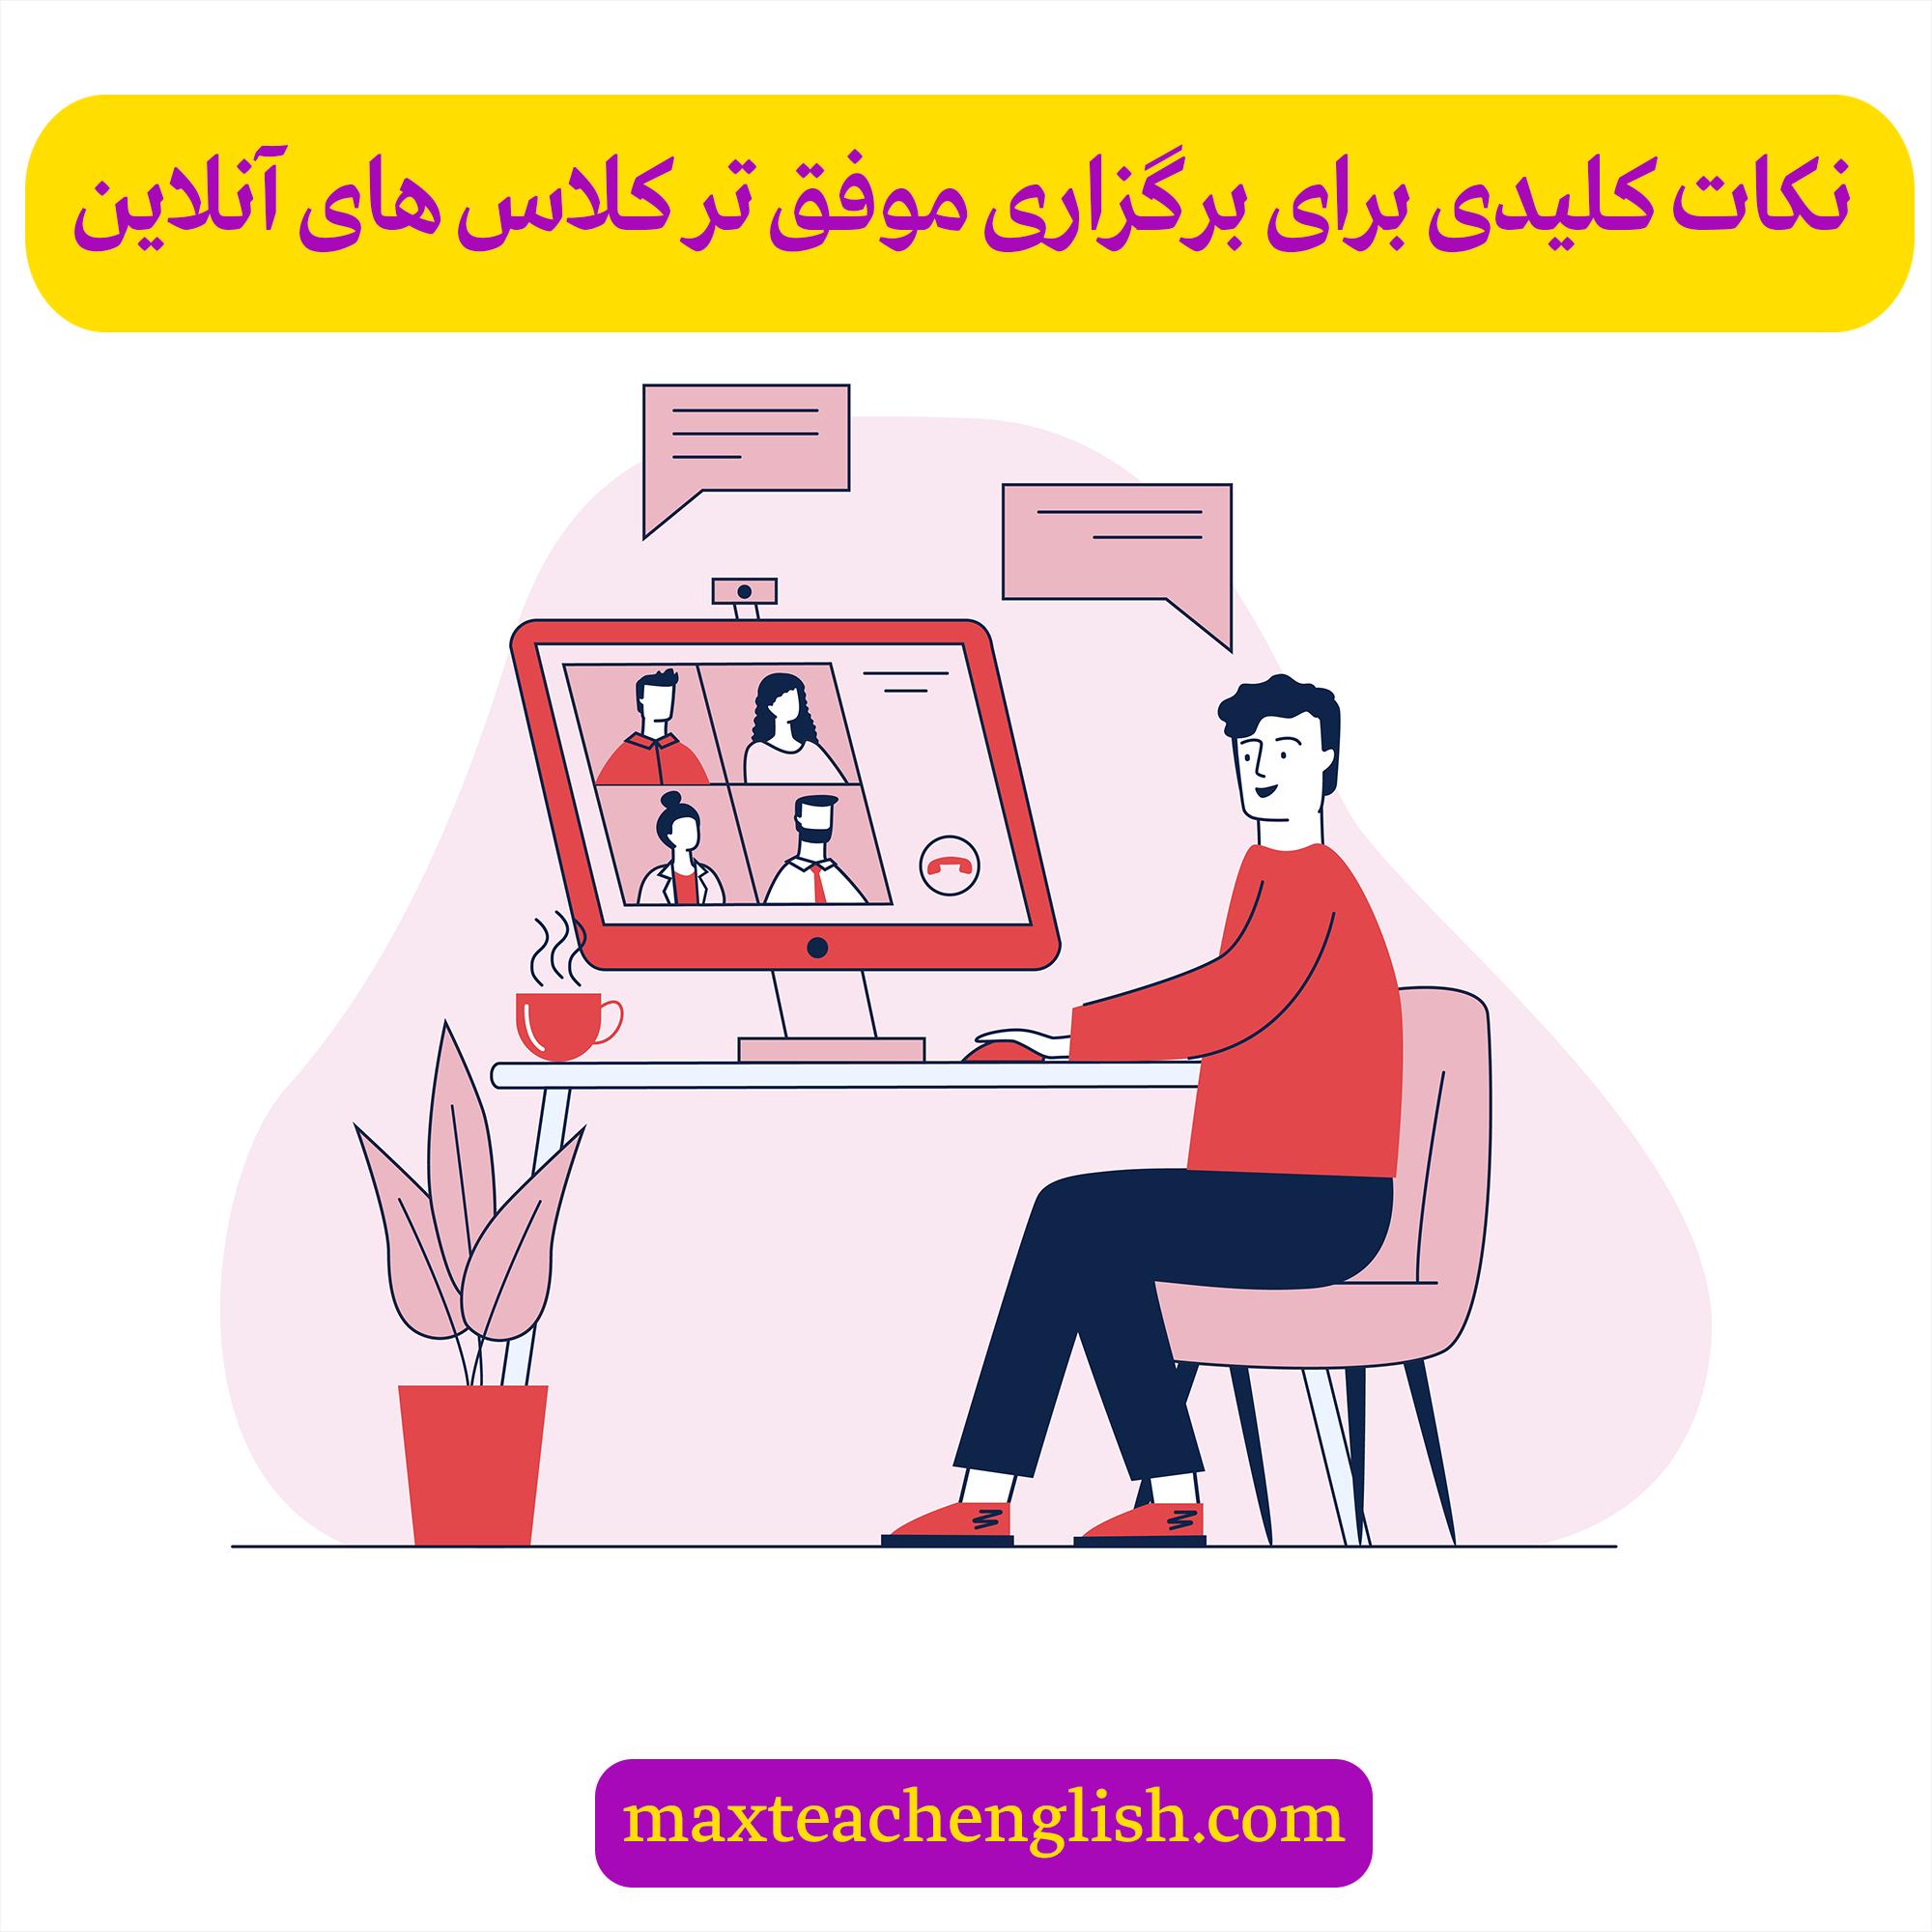 نکات کلیدی در ارتباط با برگزاری کلاس آنلاین